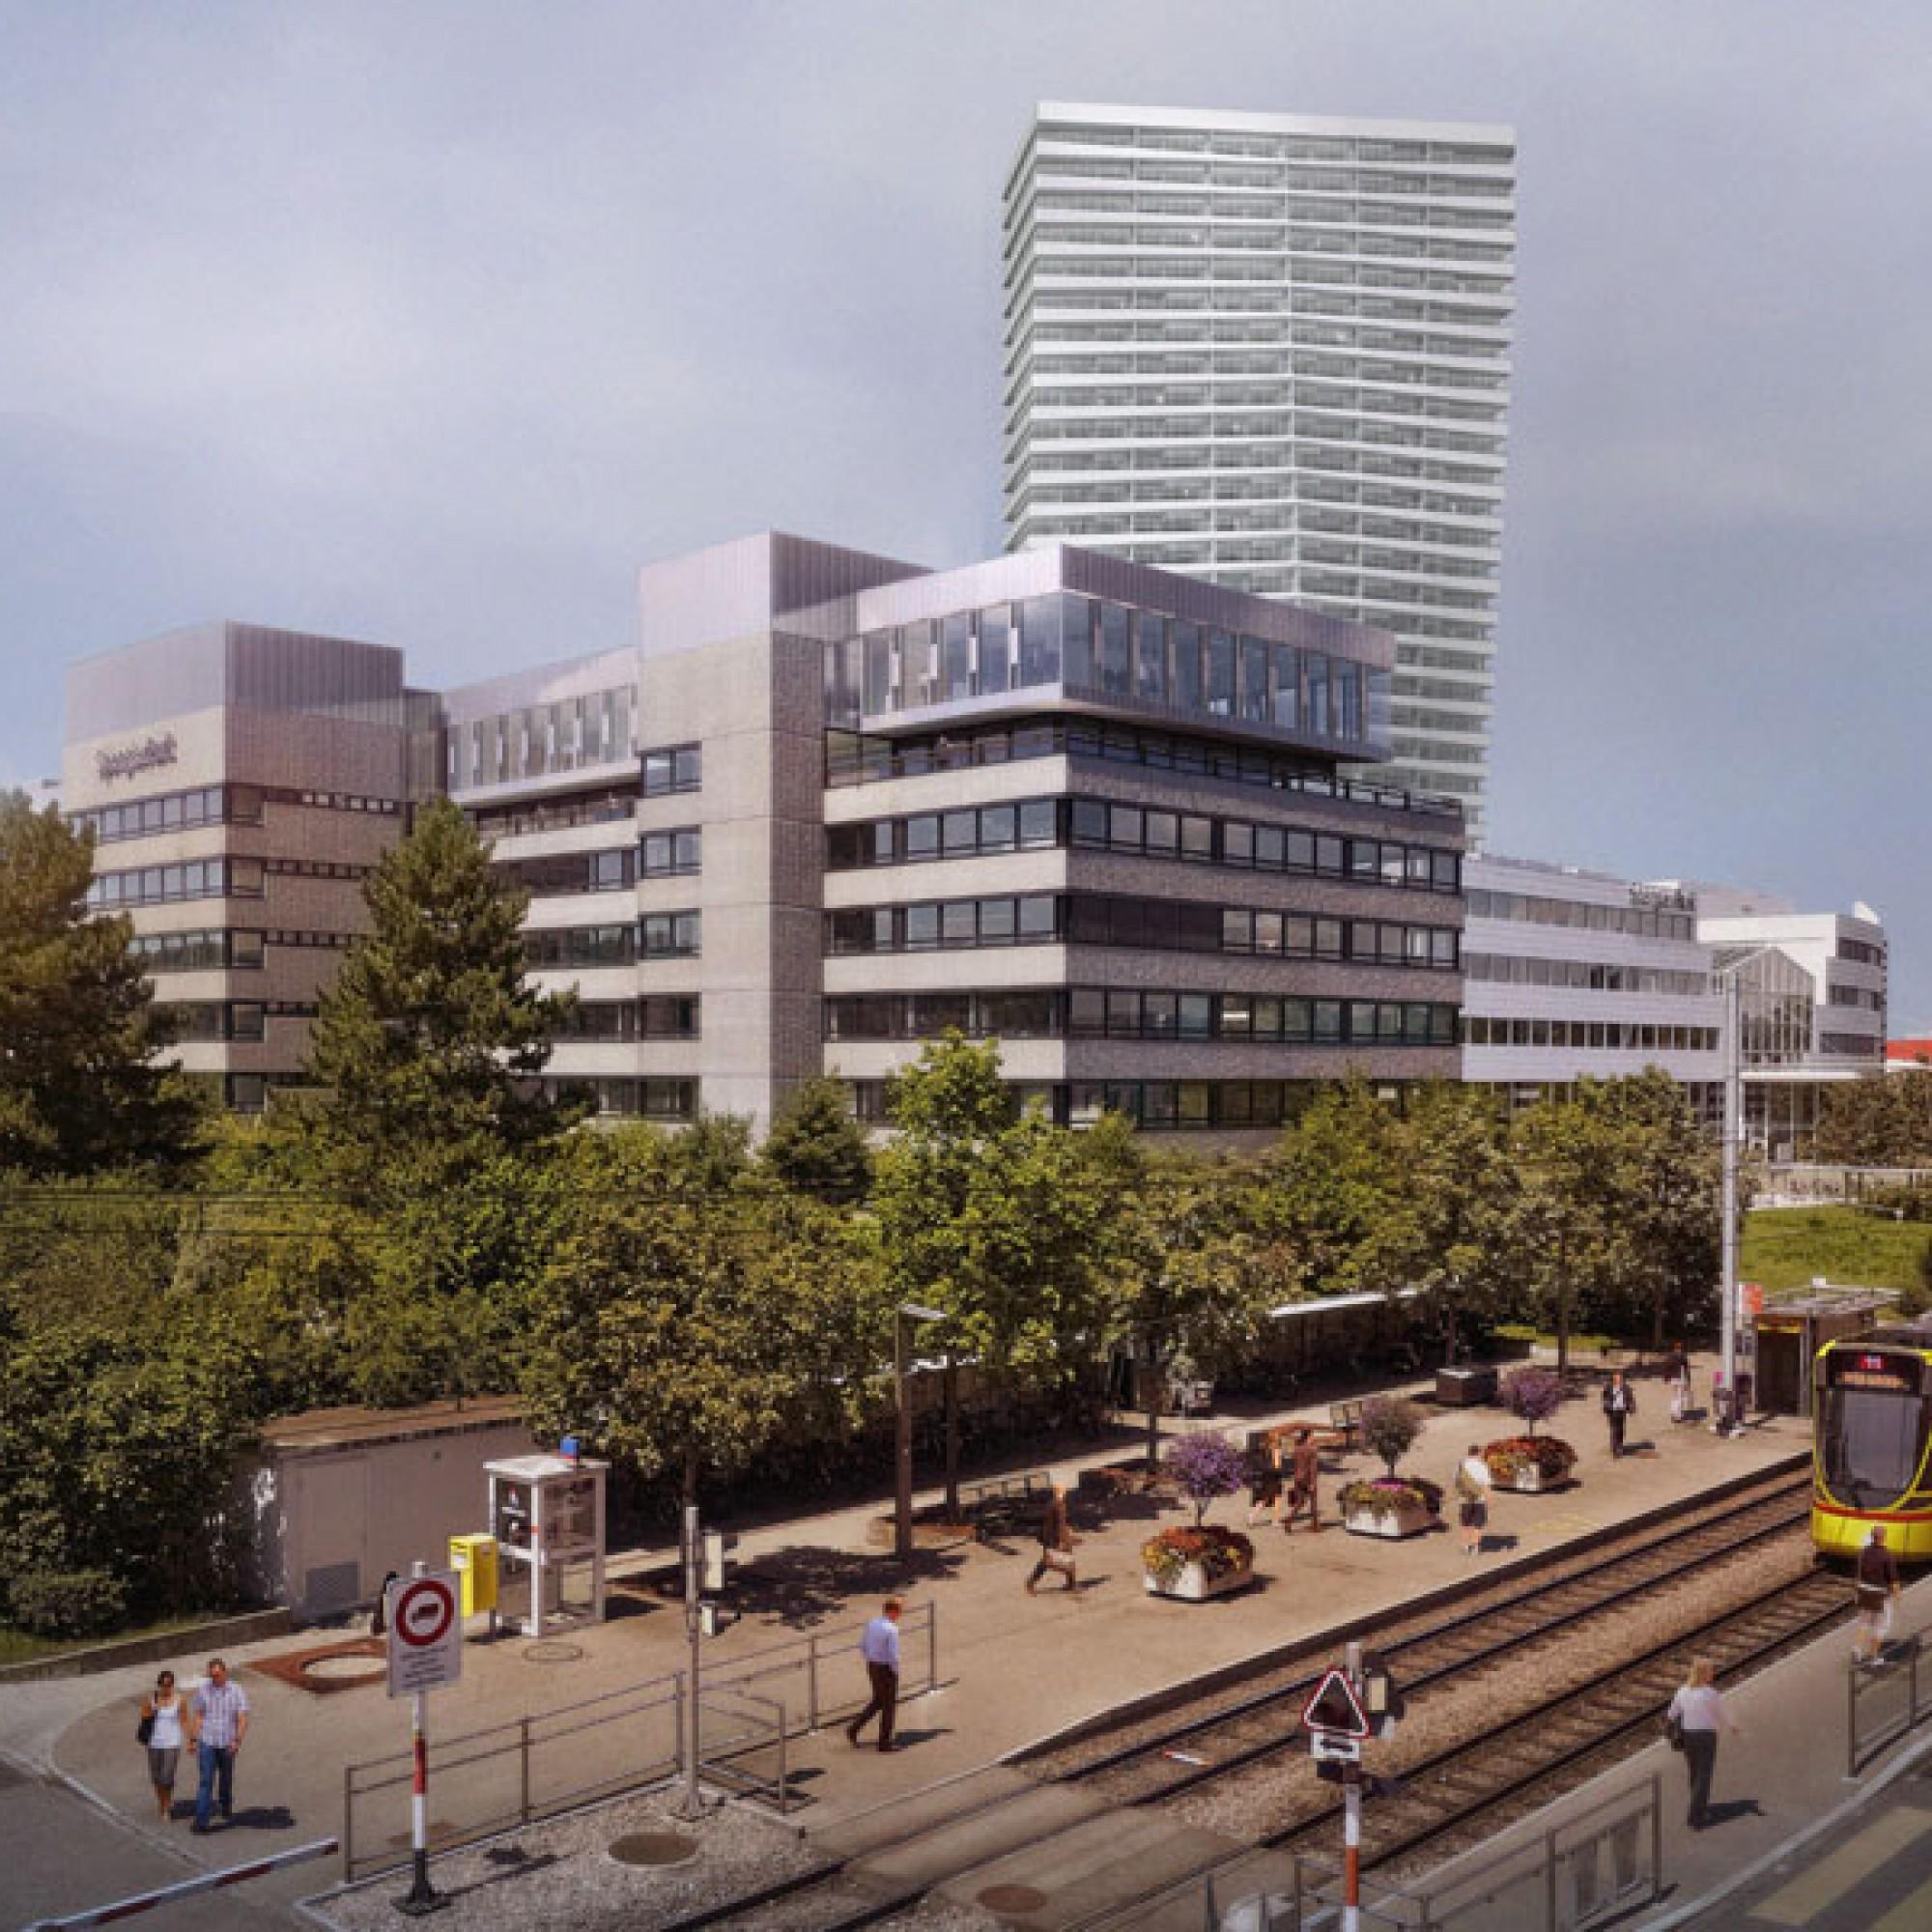 Die Visualisierung zeigt im Vordergrund die Tramstation, dahinter den Spenglerpark mit dem geplanten Hochhaus (zvg)